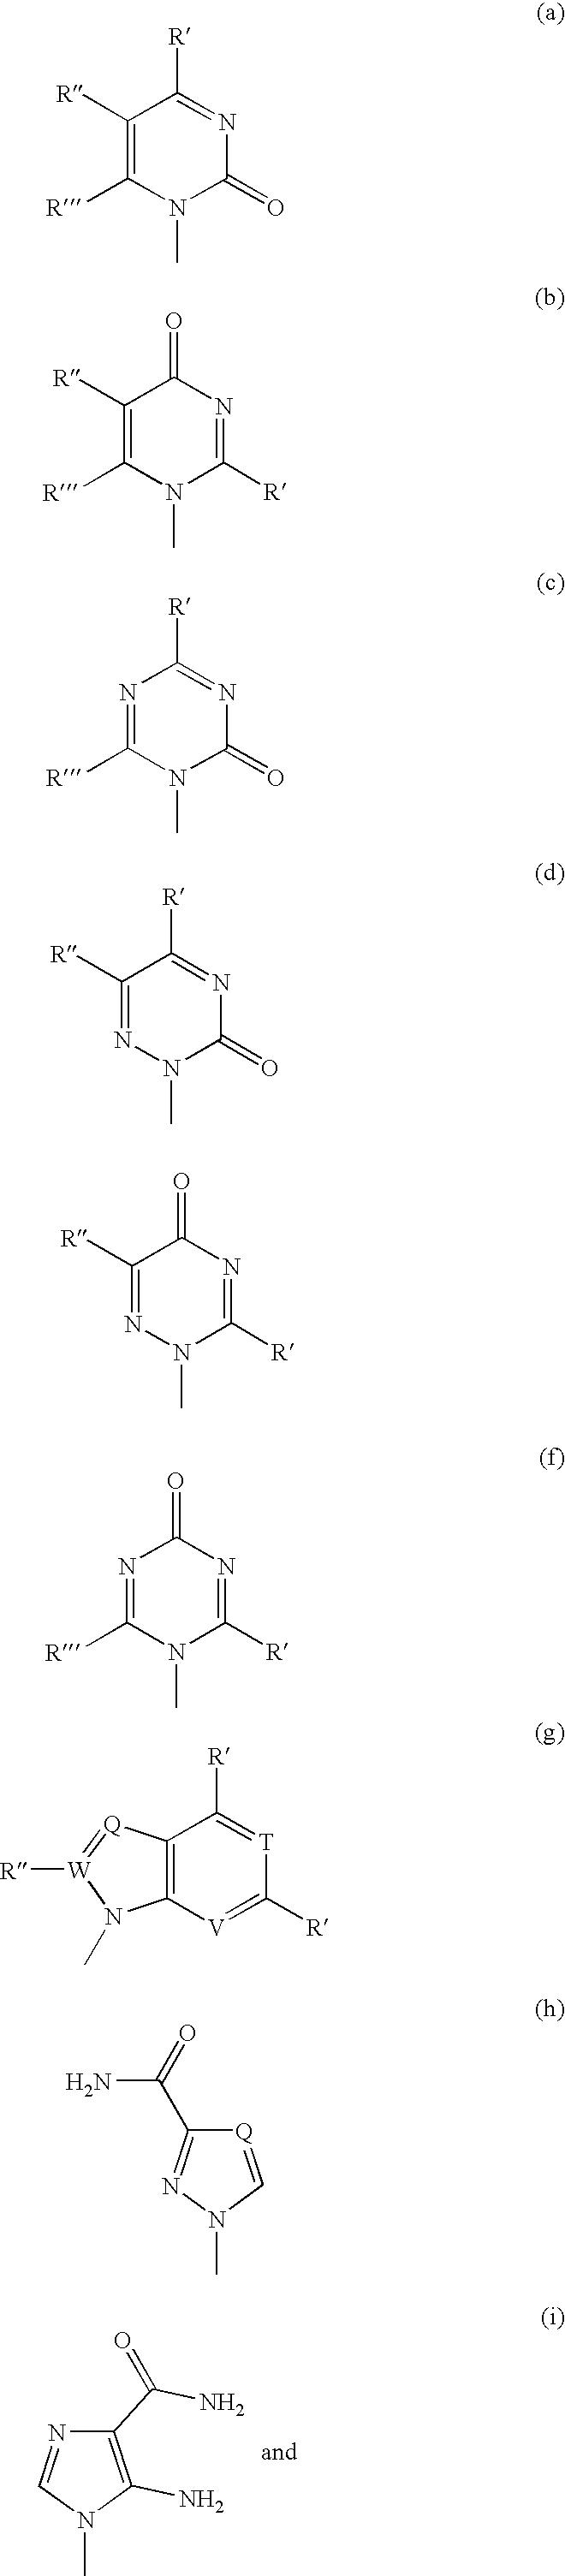 Figure US07608600-20091027-C00047